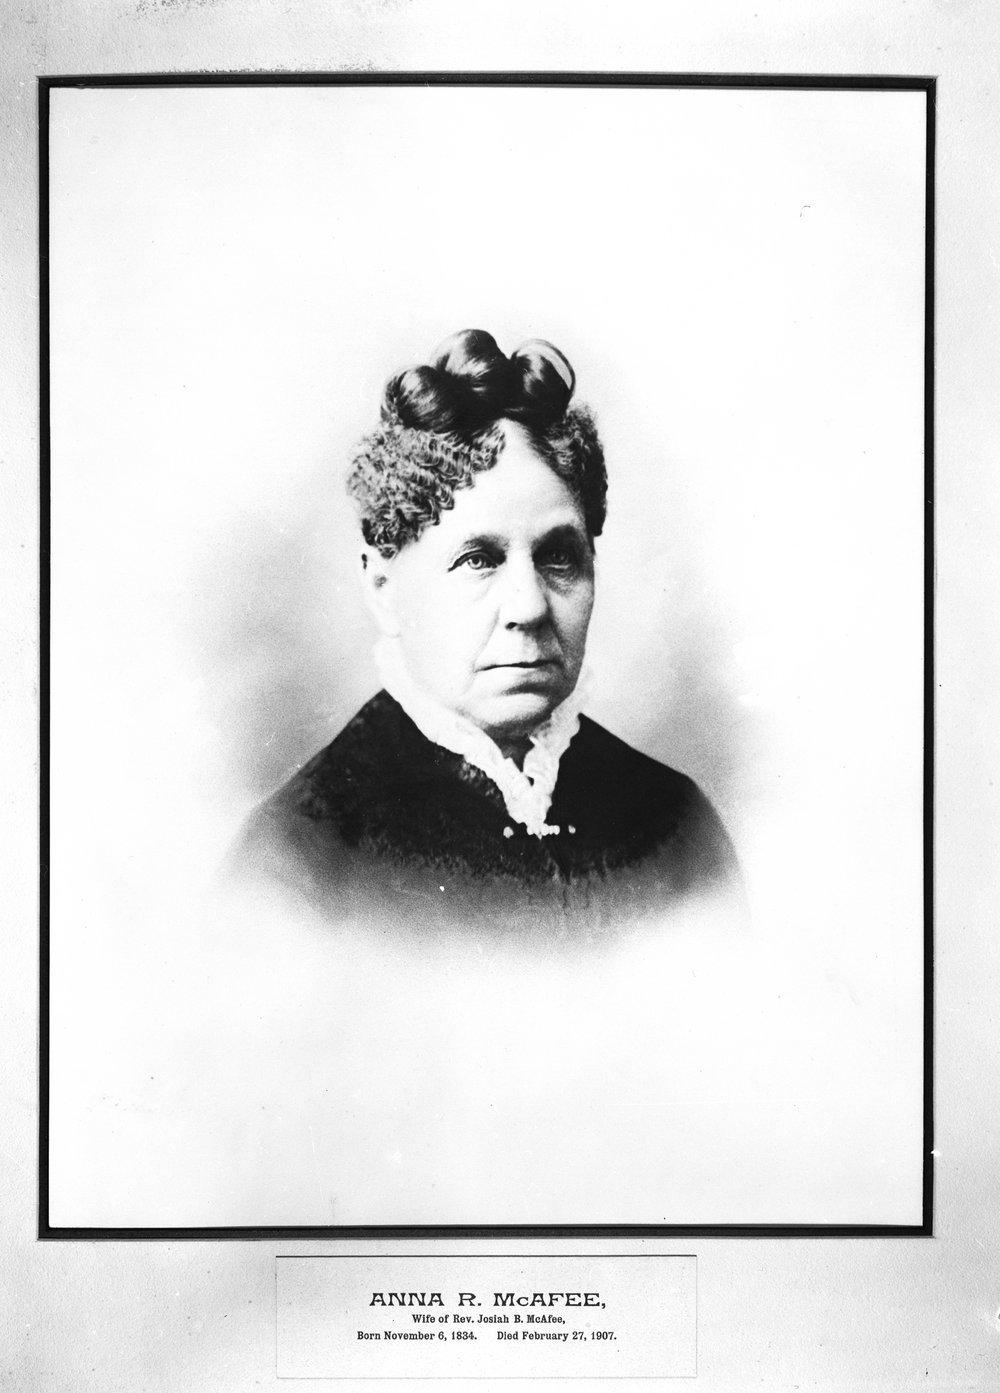 Anna R. Yowler McAfee